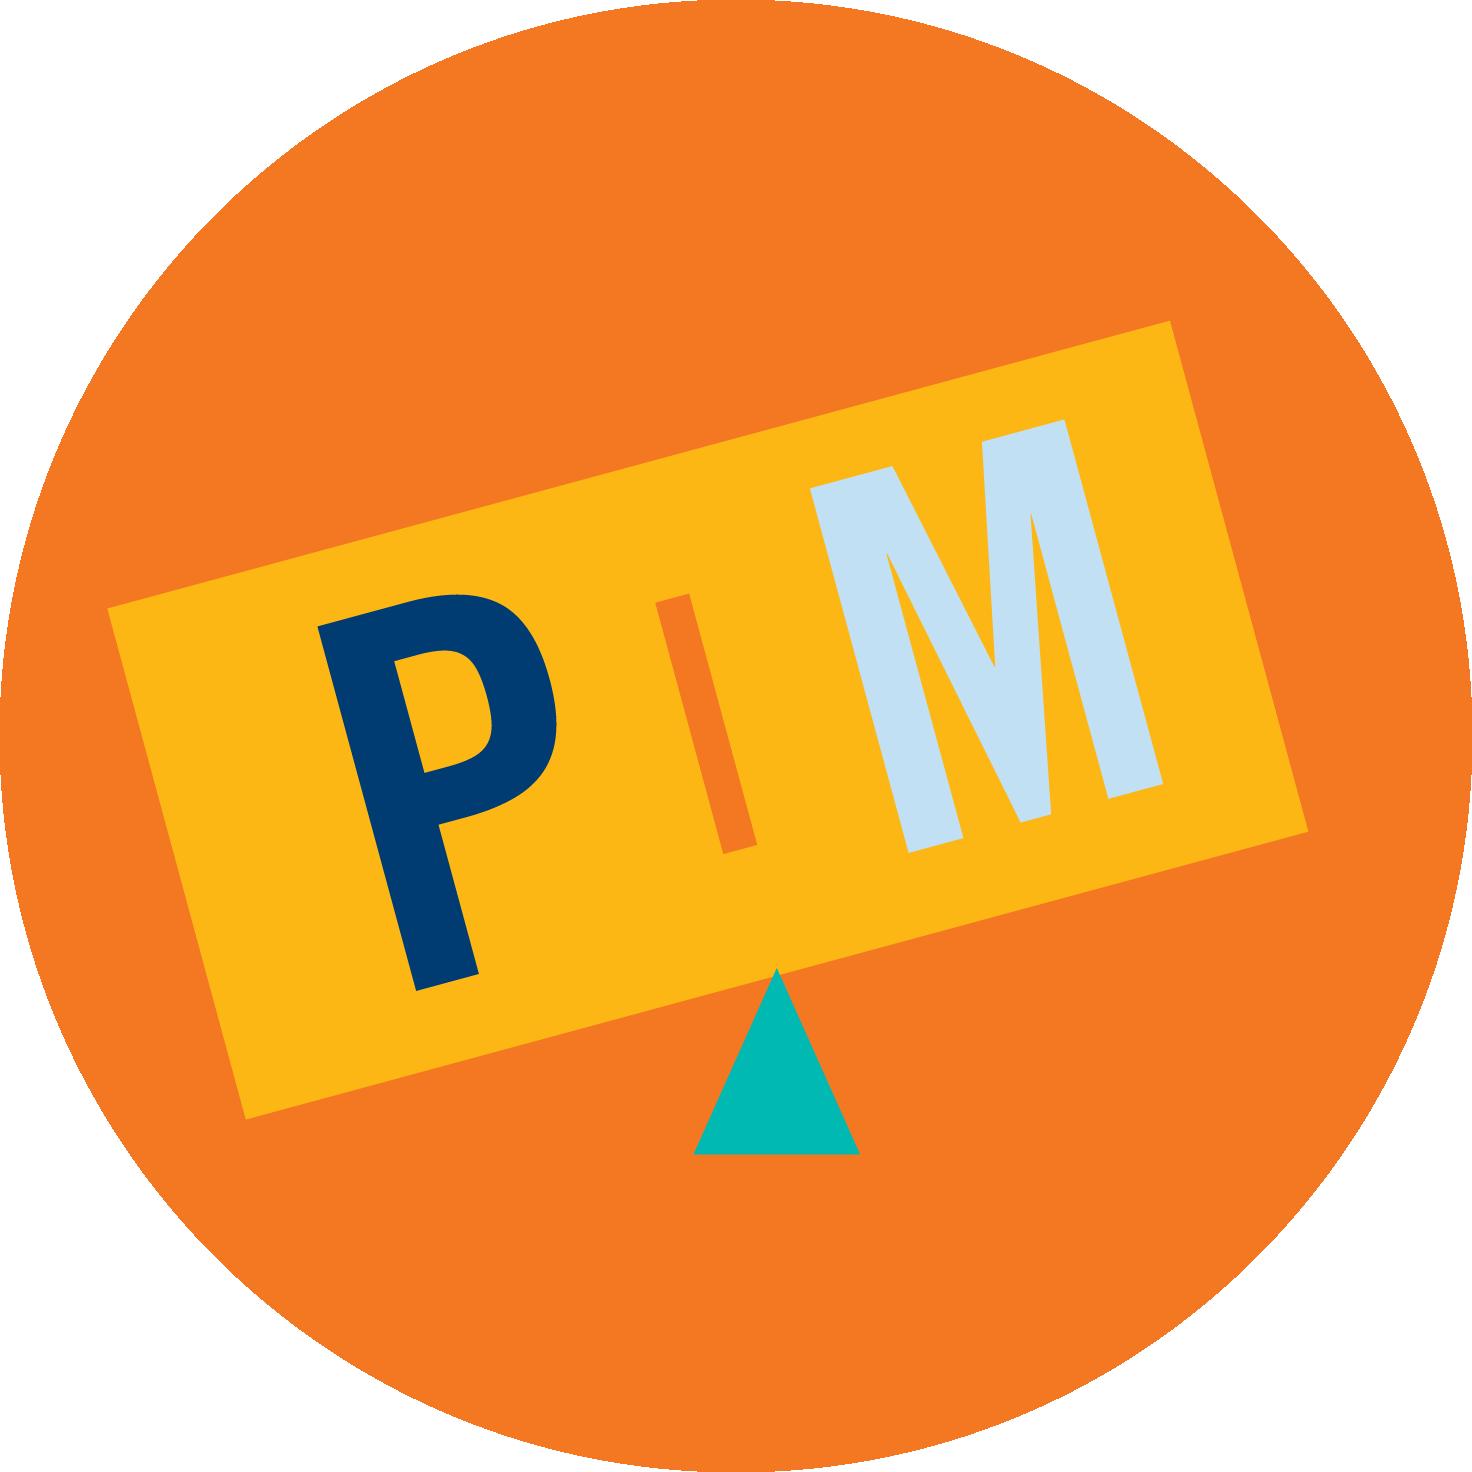 Une balance à plateaux en déséquilibre où la lettre « P » pèse plus que la lettre « M ».